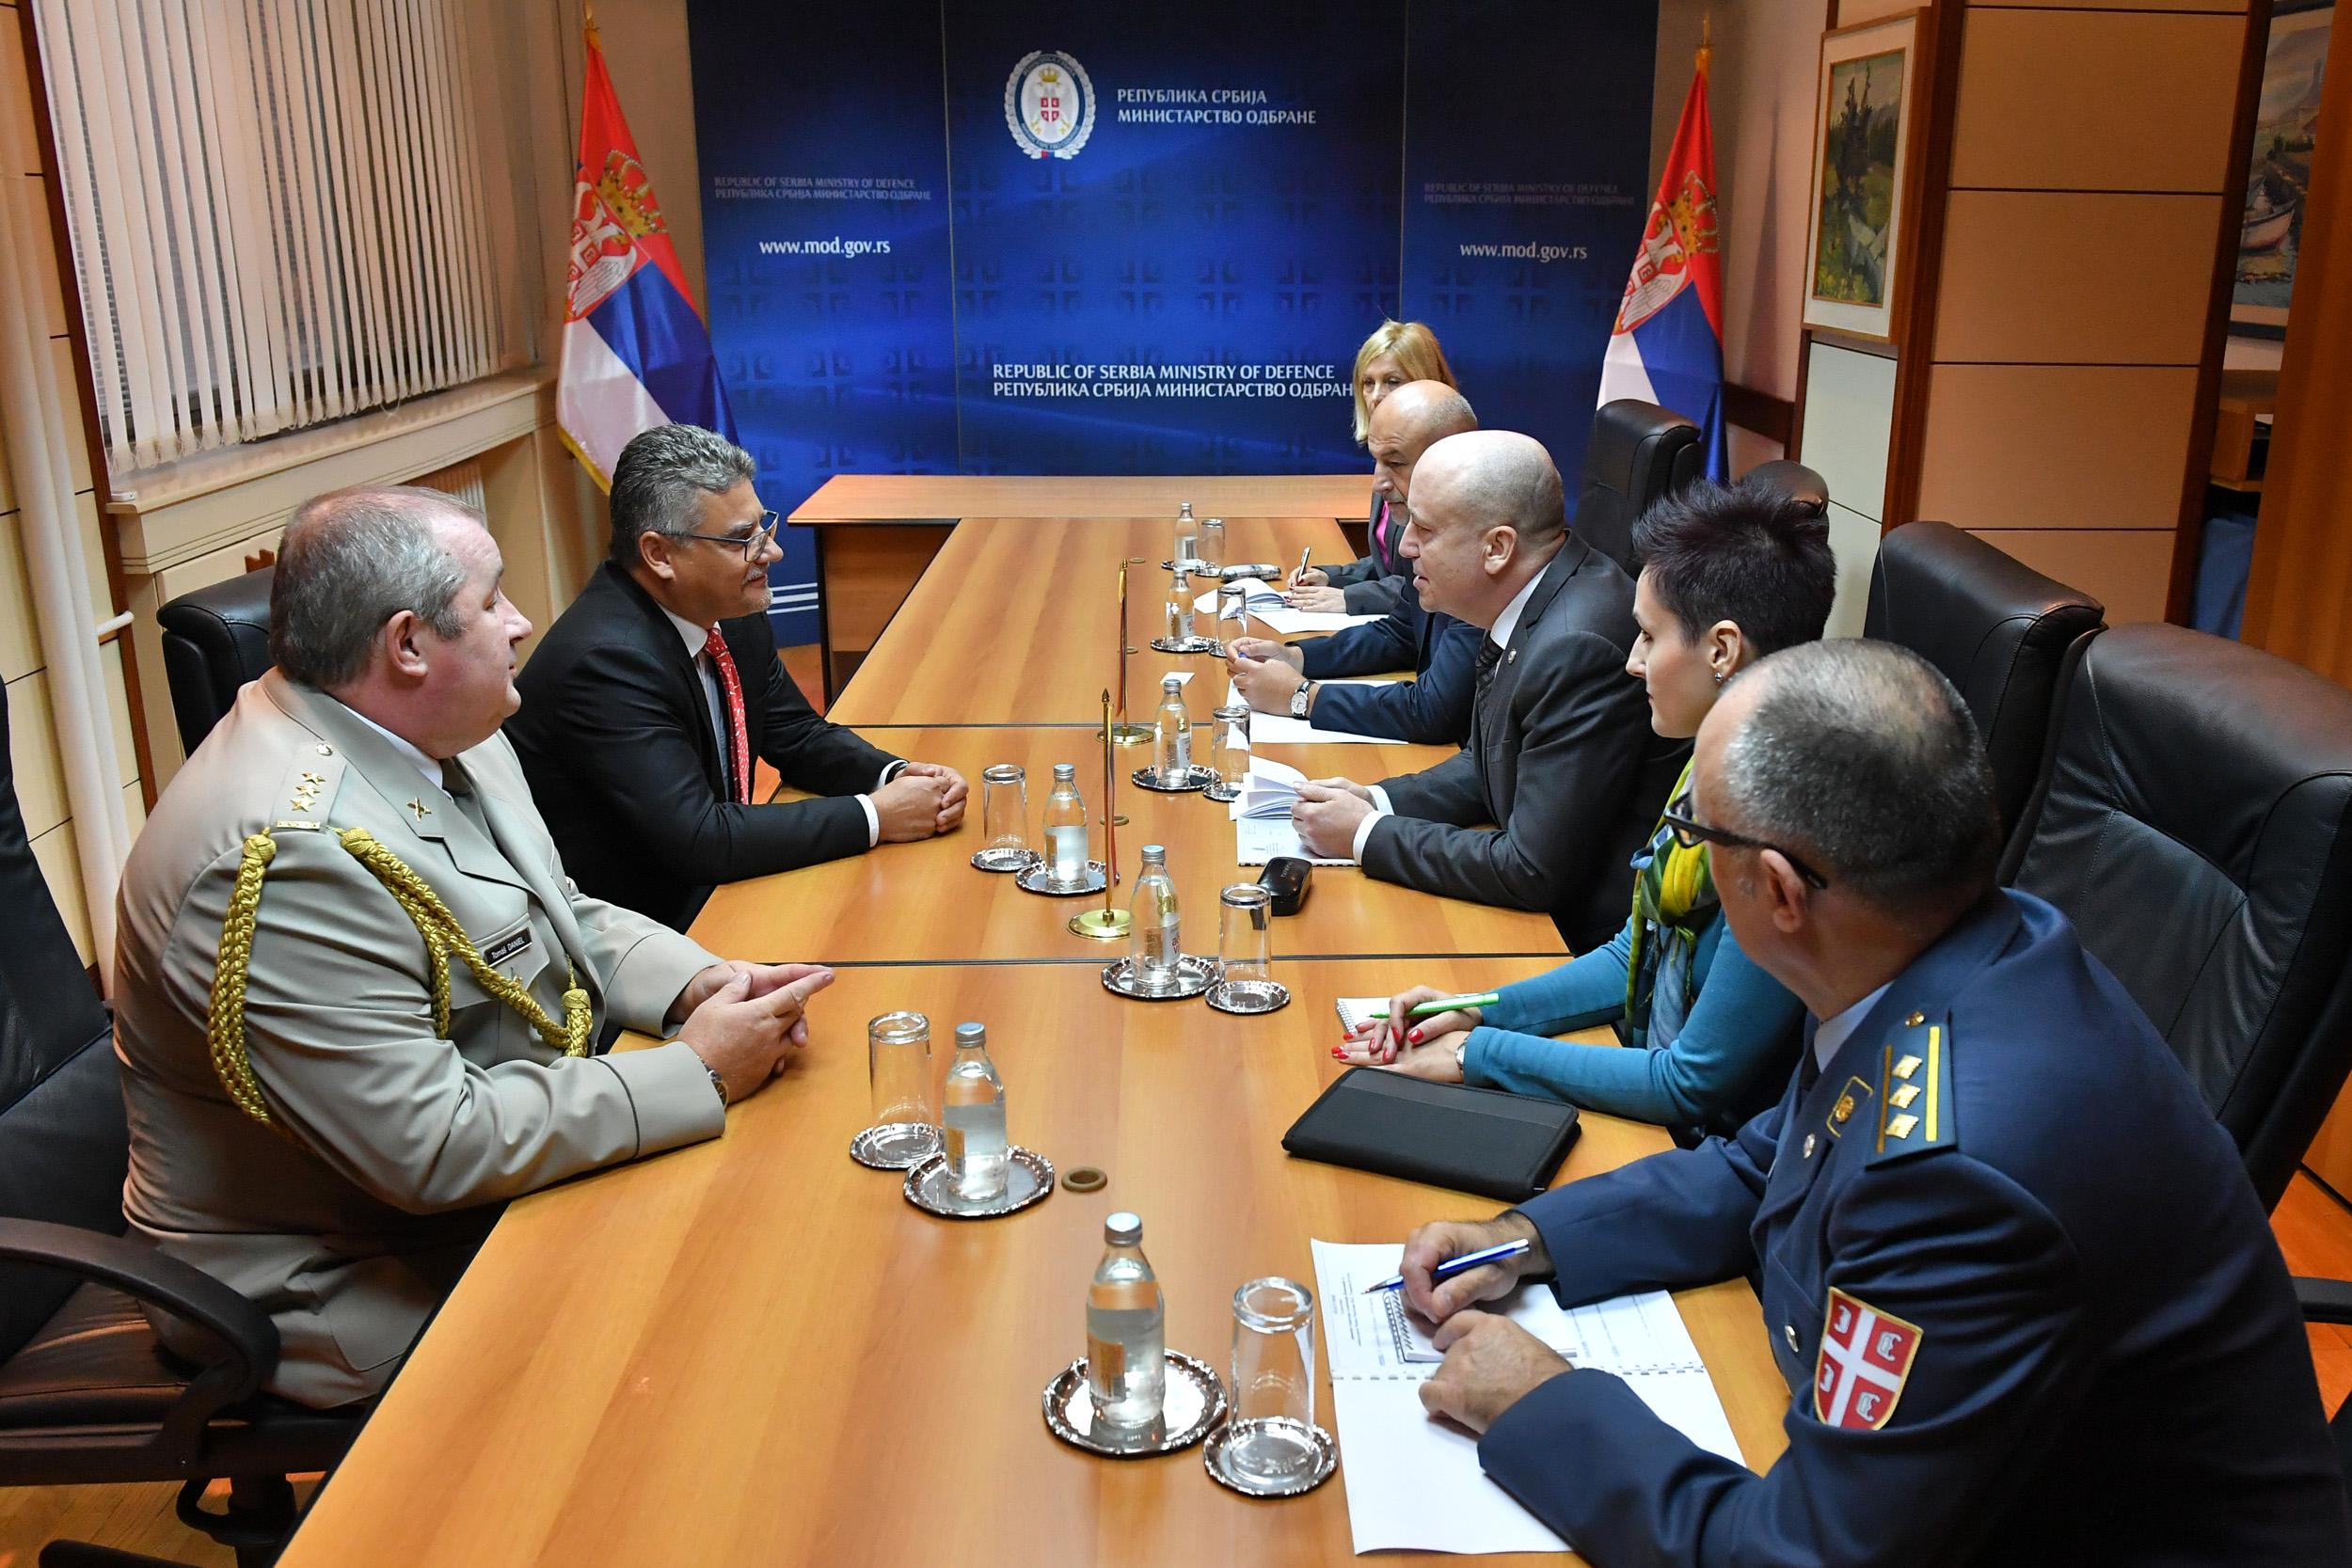 Sastanak državnog sekretara Živkovića i ambasadora Češke Republike